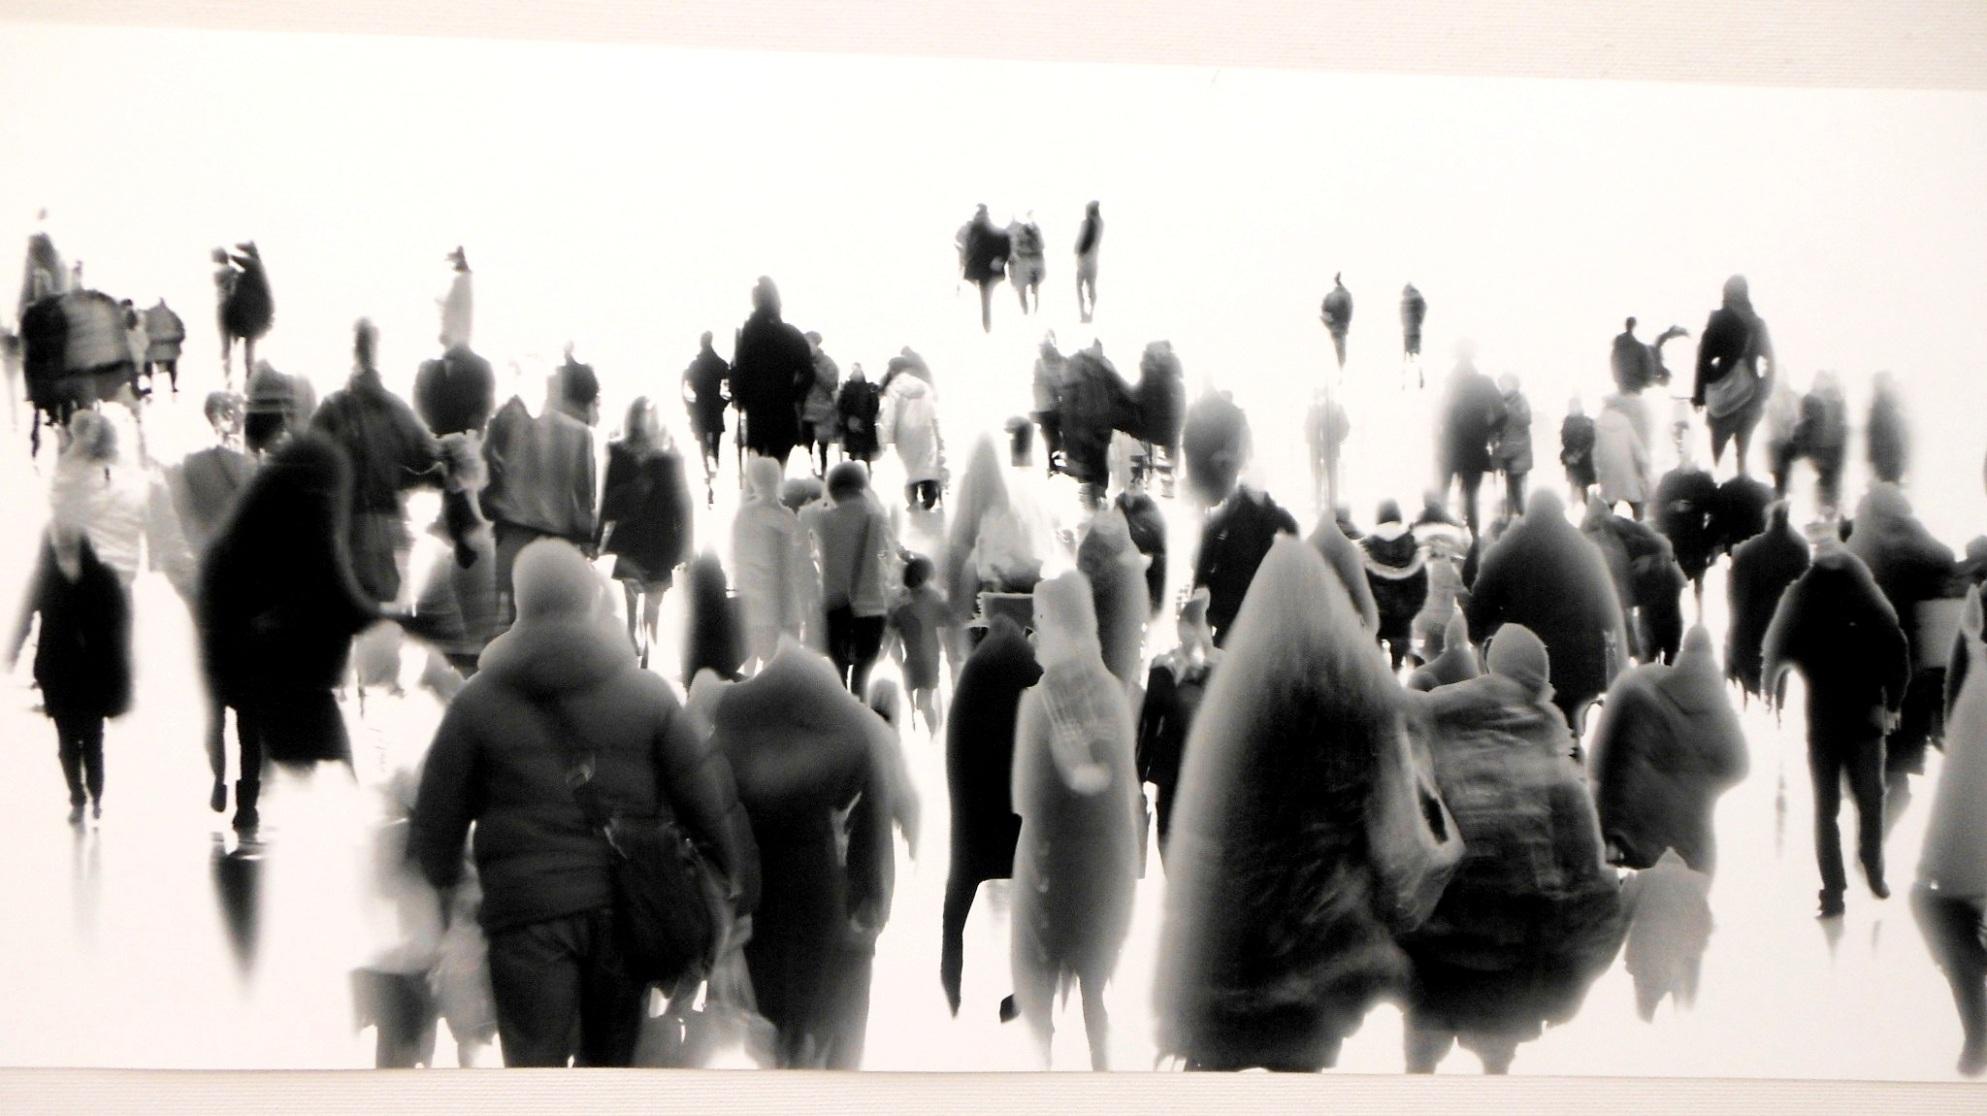 1769)①「山岸せいじ・展 『あわいを覗く』」 茶廊法邑 5月26日(土)~6月3日(日)_f0126829_2049248.jpg